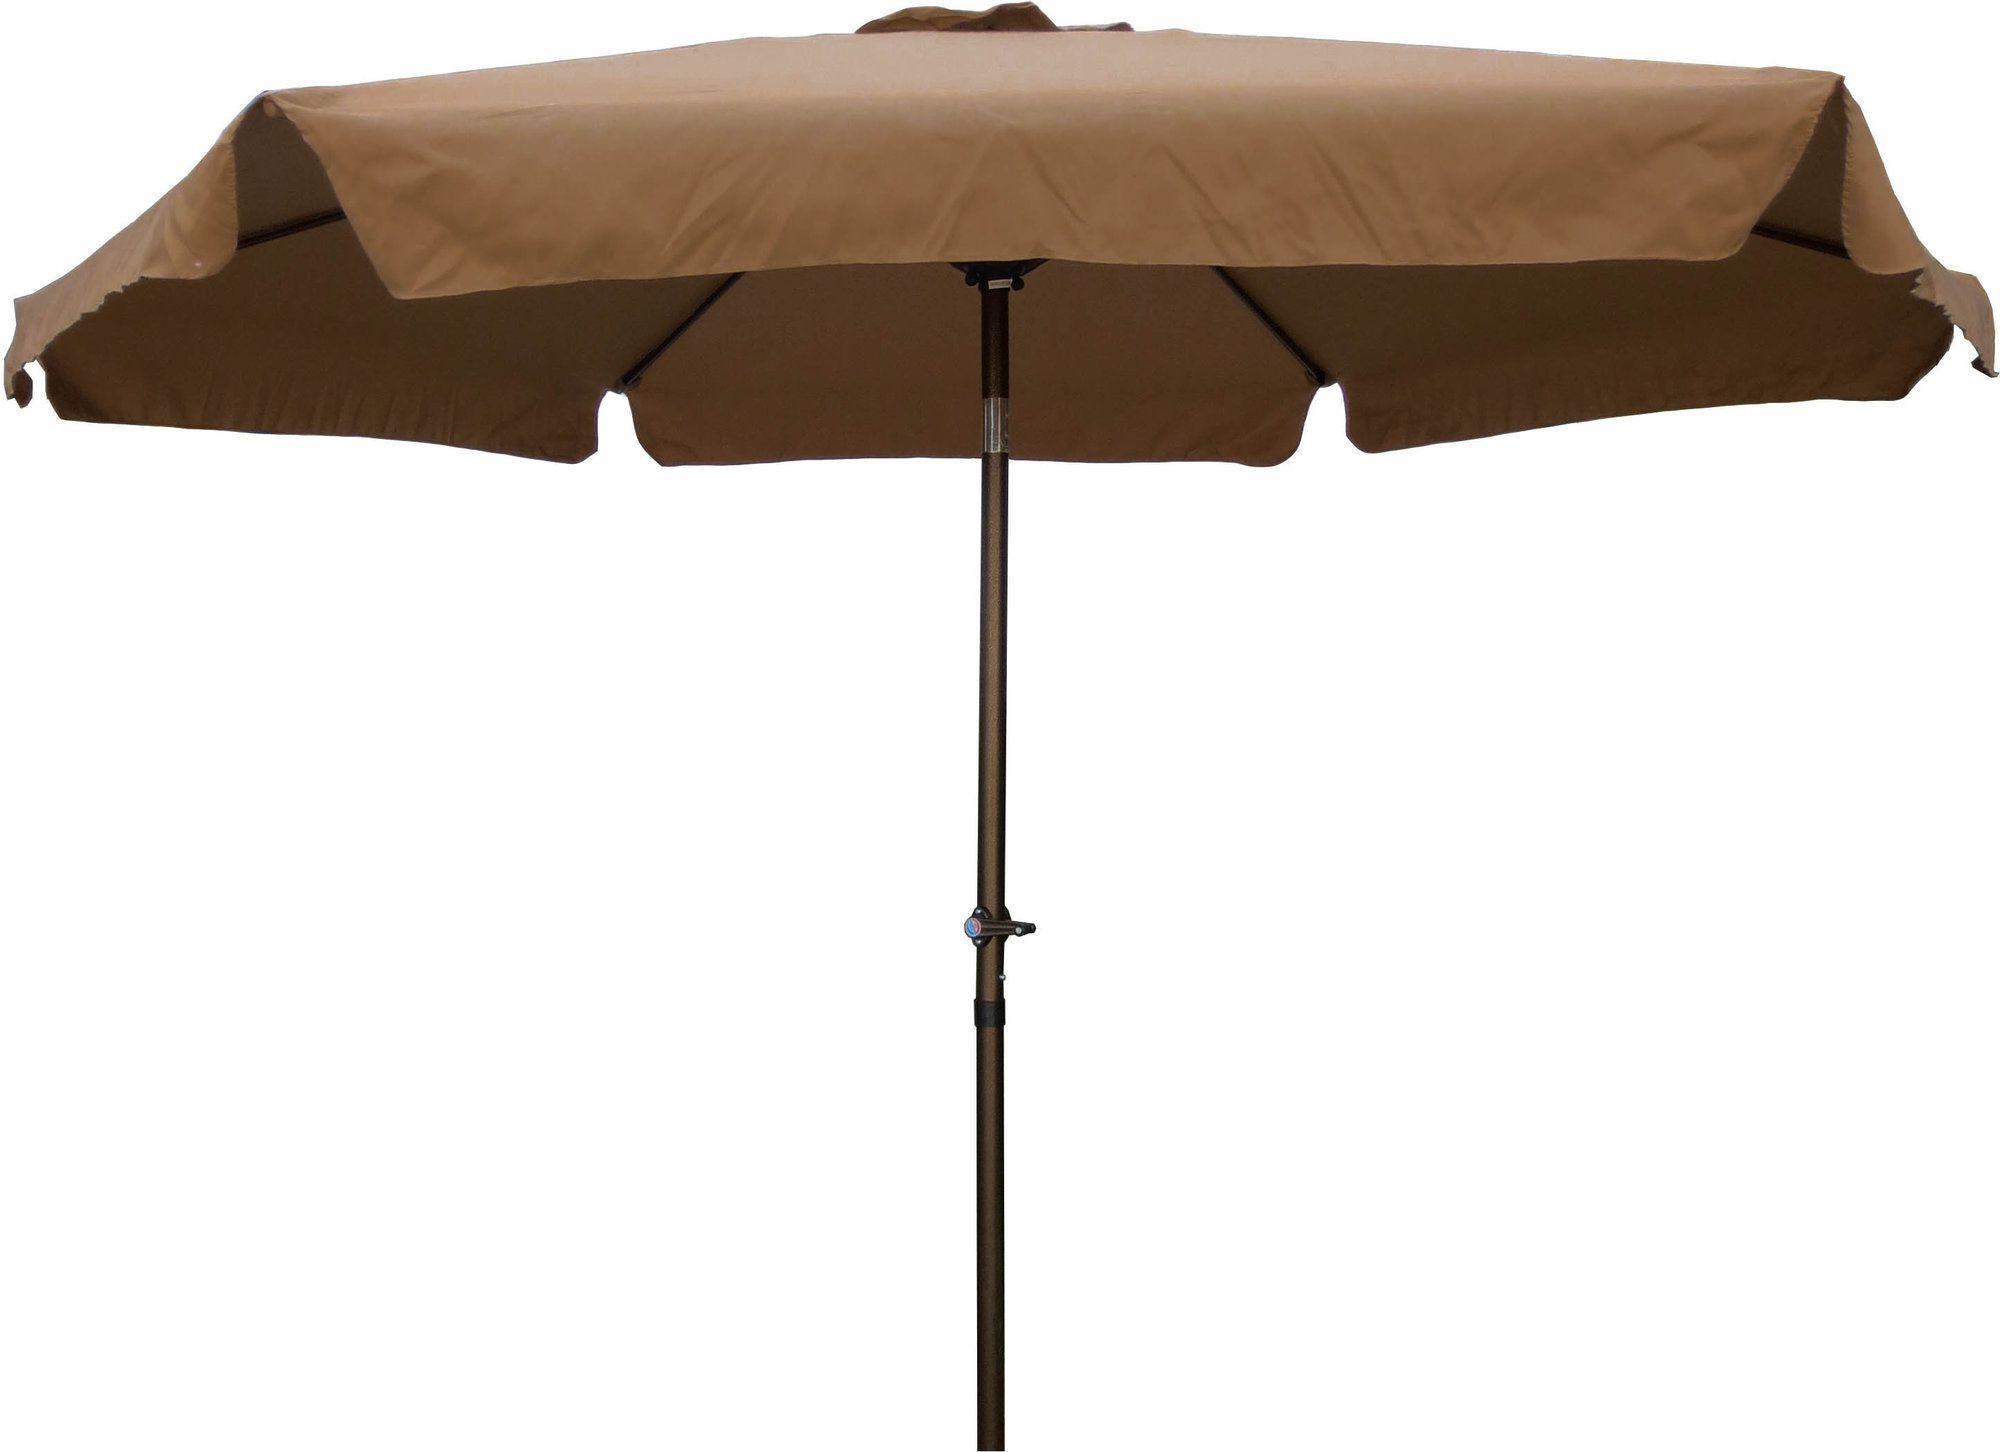 Hyperion Market Umbrellas Regarding Well Liked Hyperion 9' Market Umbrella (View 2 of 20)